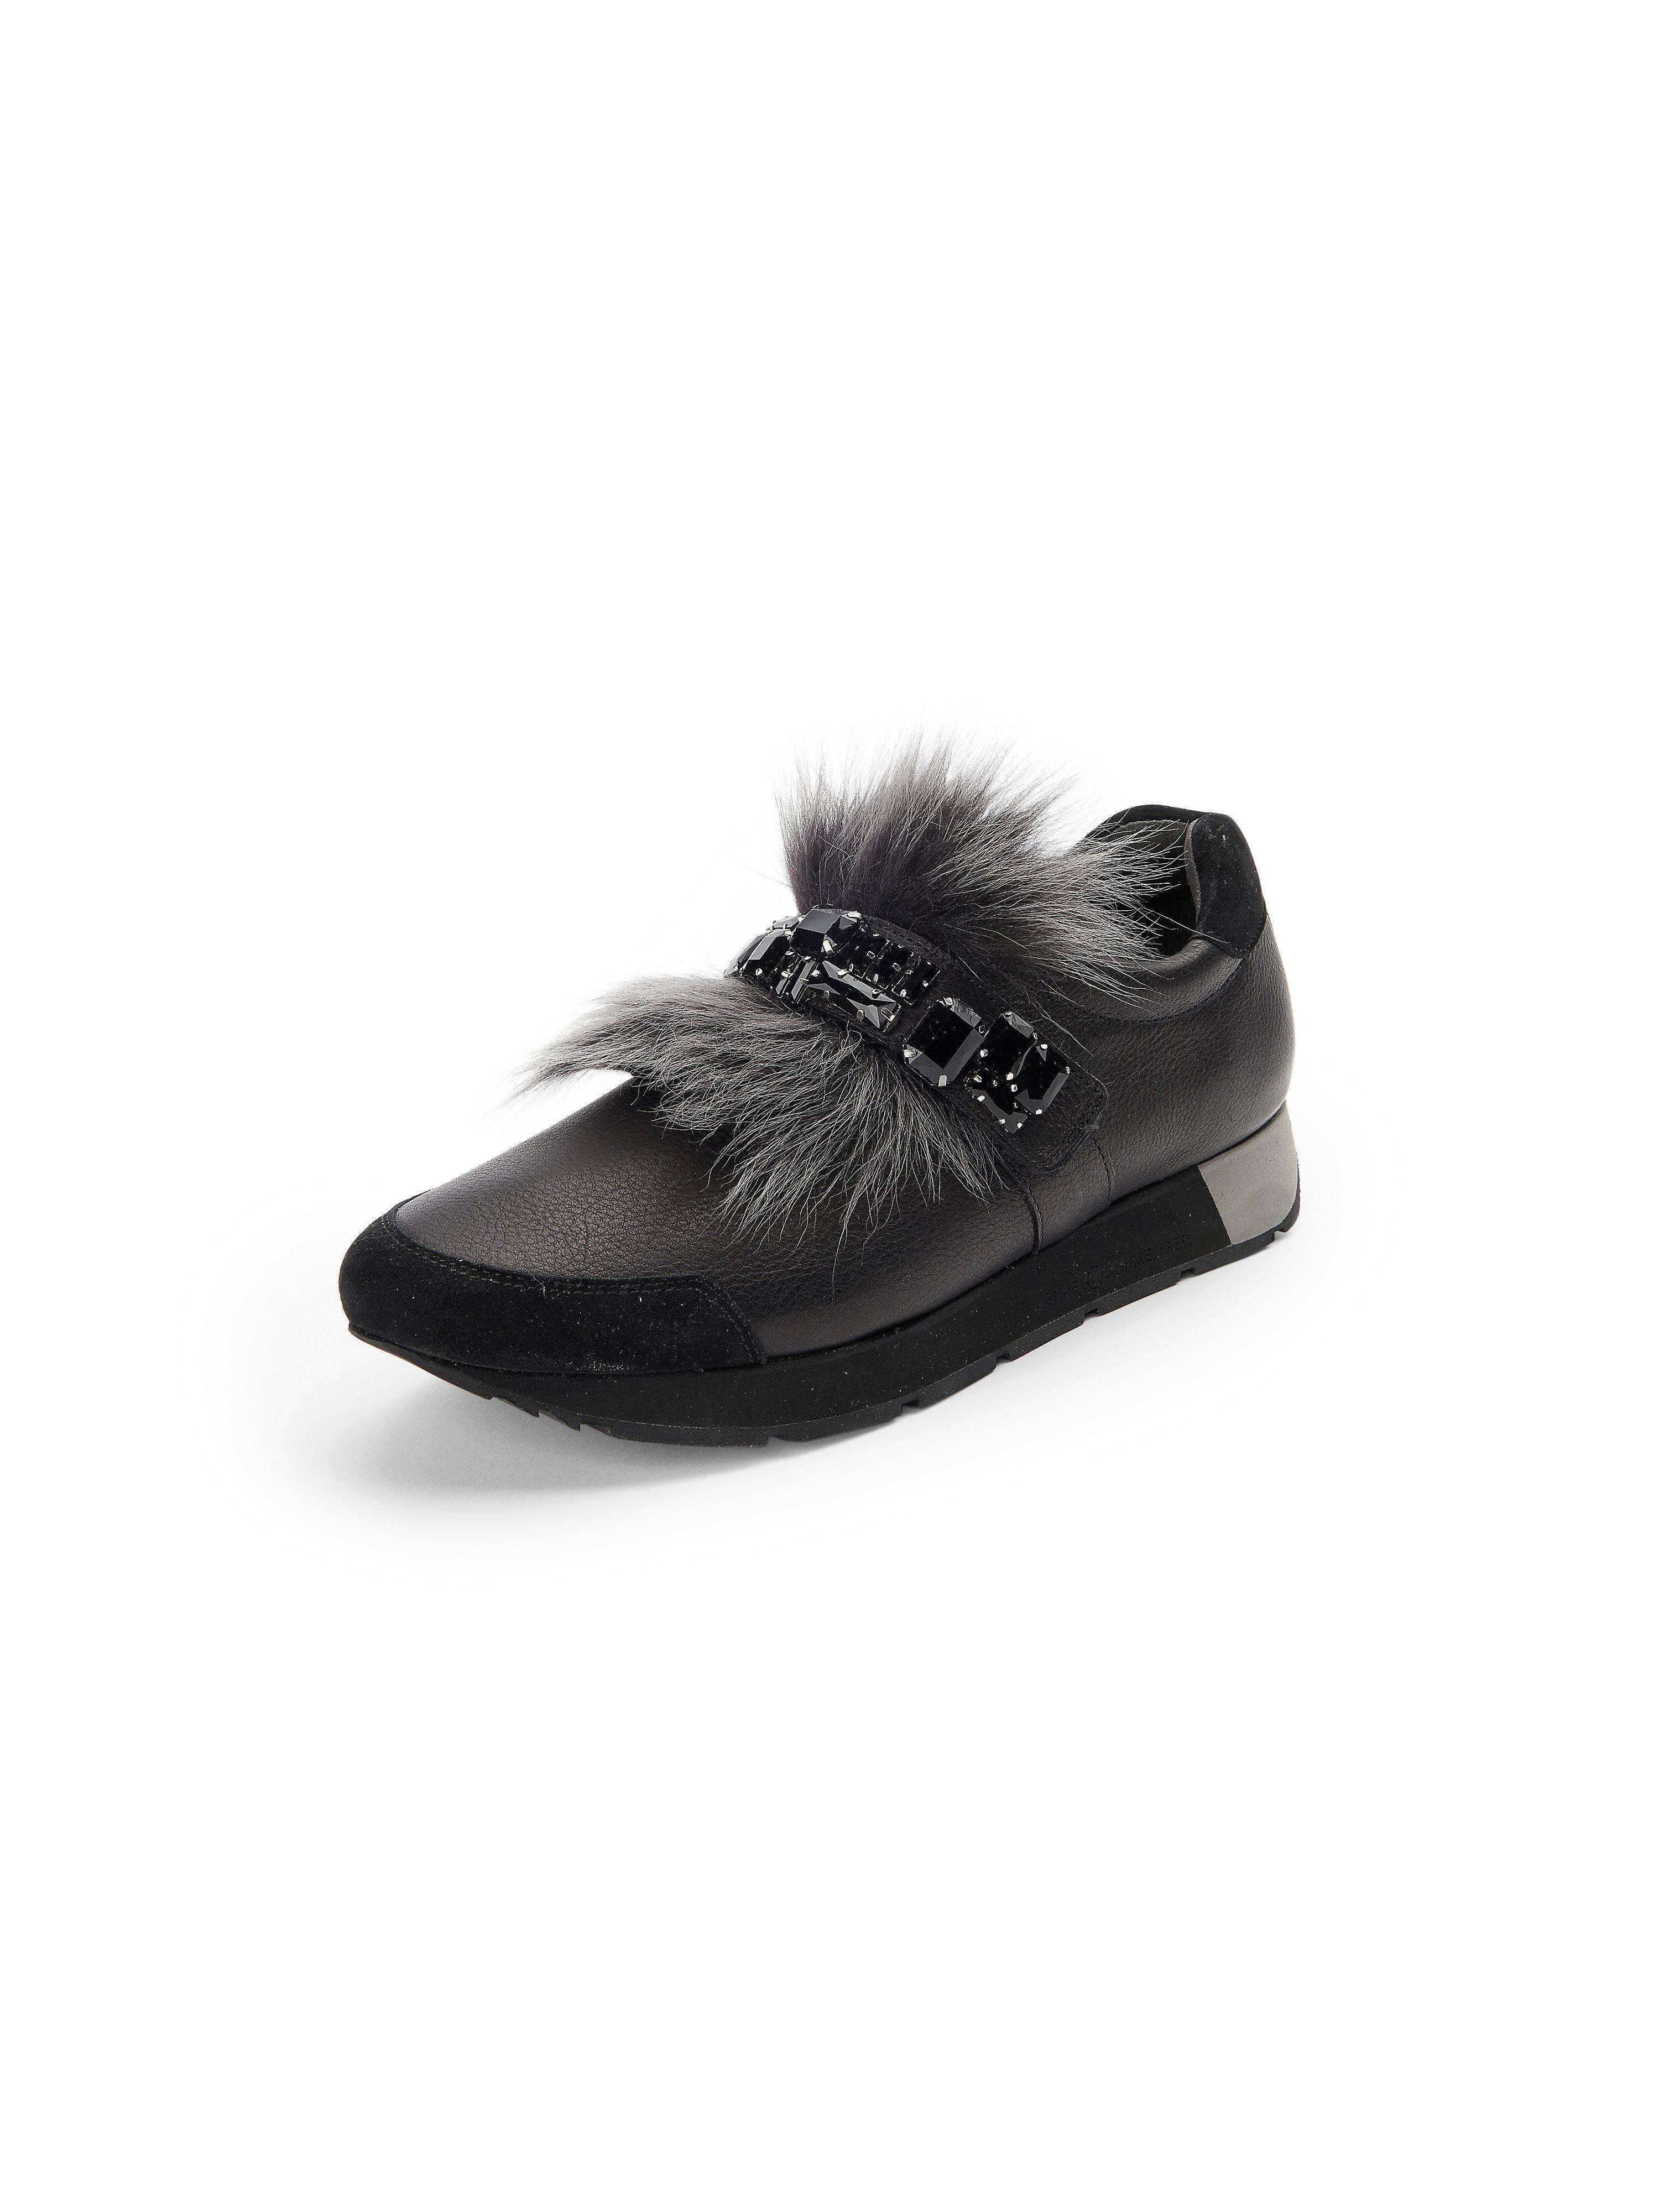 Sneakers Van zwart Goedkope Koop Foto Keuze Goedkope Online wGeltSDYfa